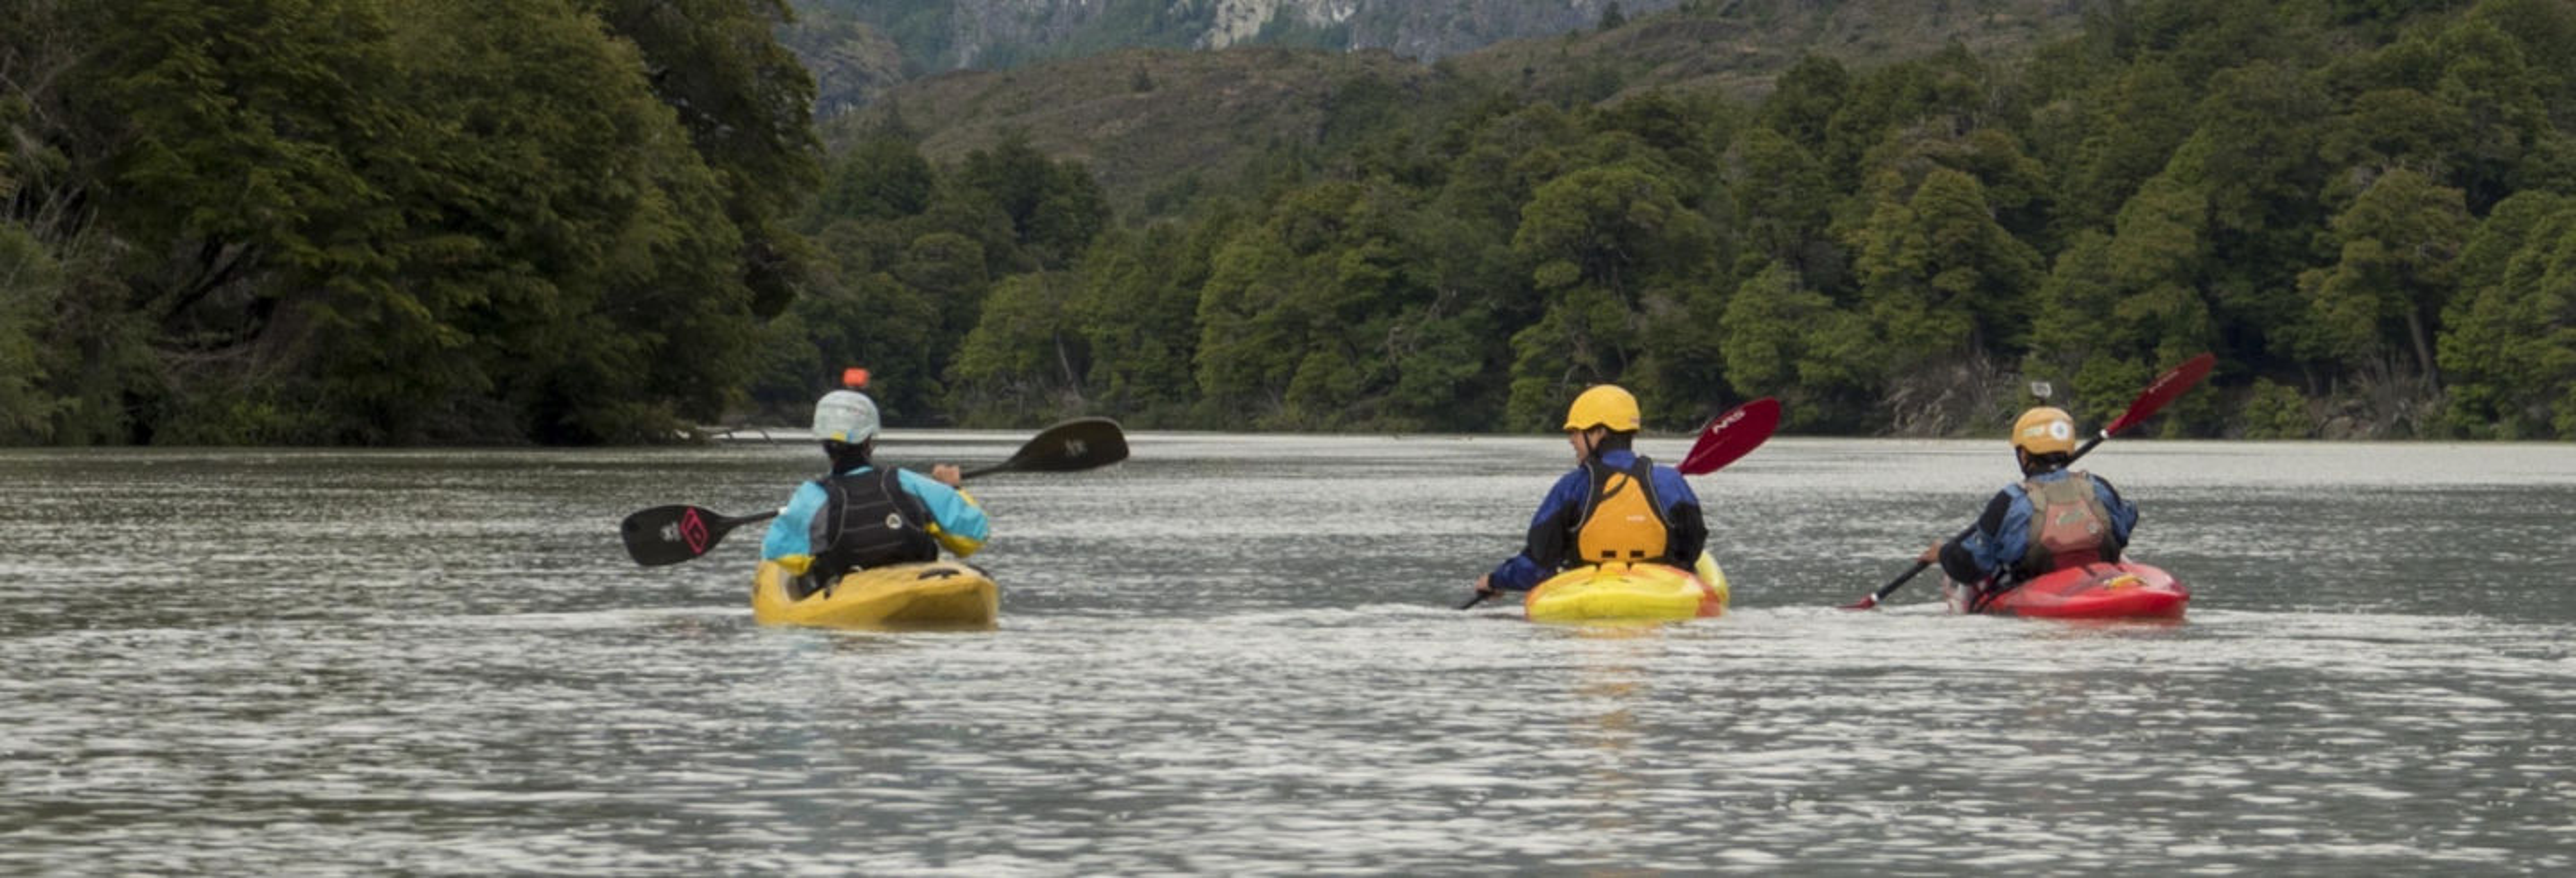 Curso de kayak en el río Baker